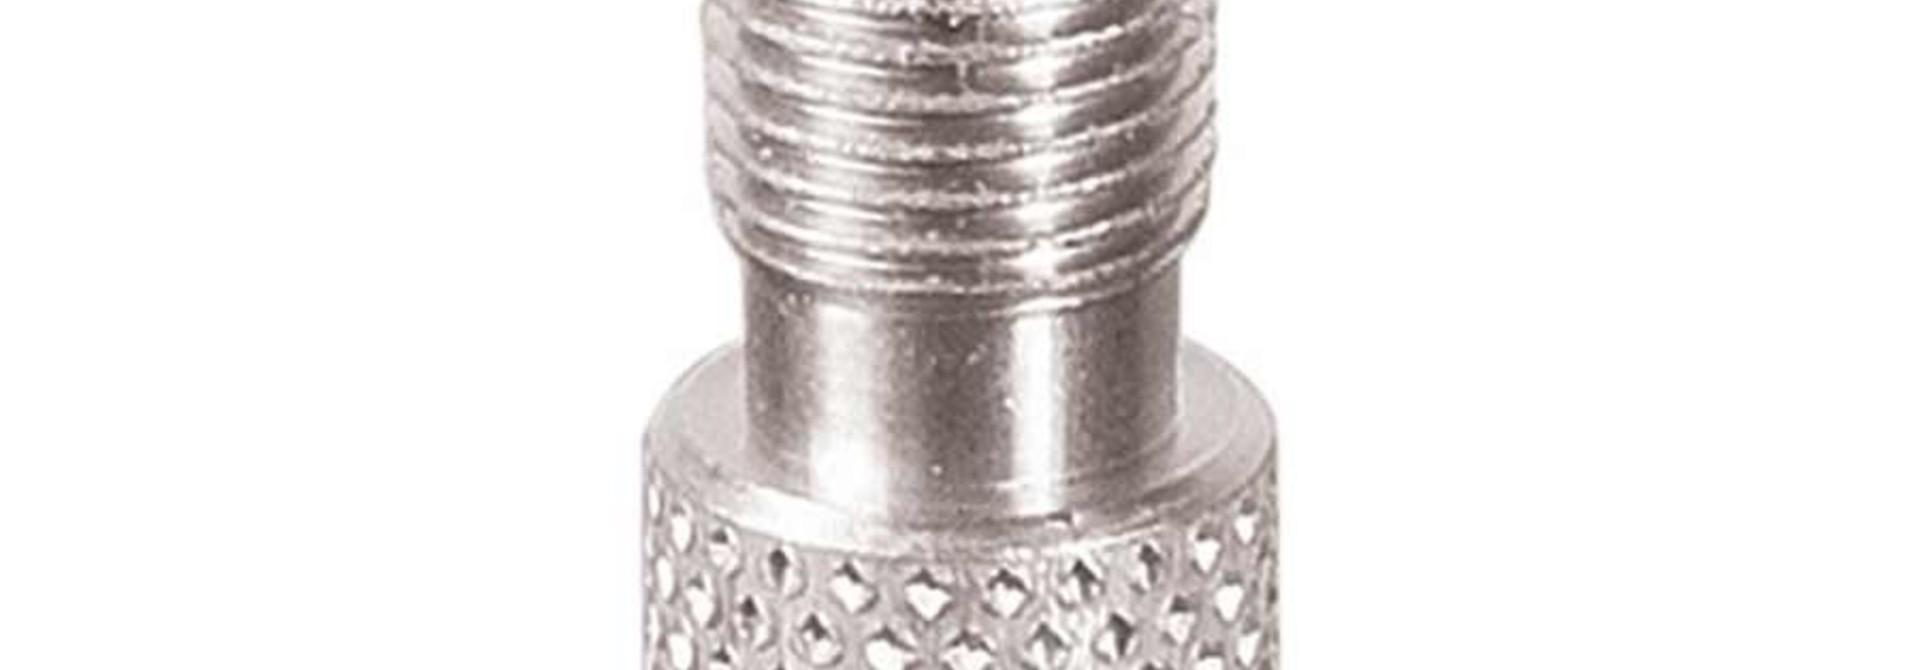 Genuine Innovations, Presta valve adapter